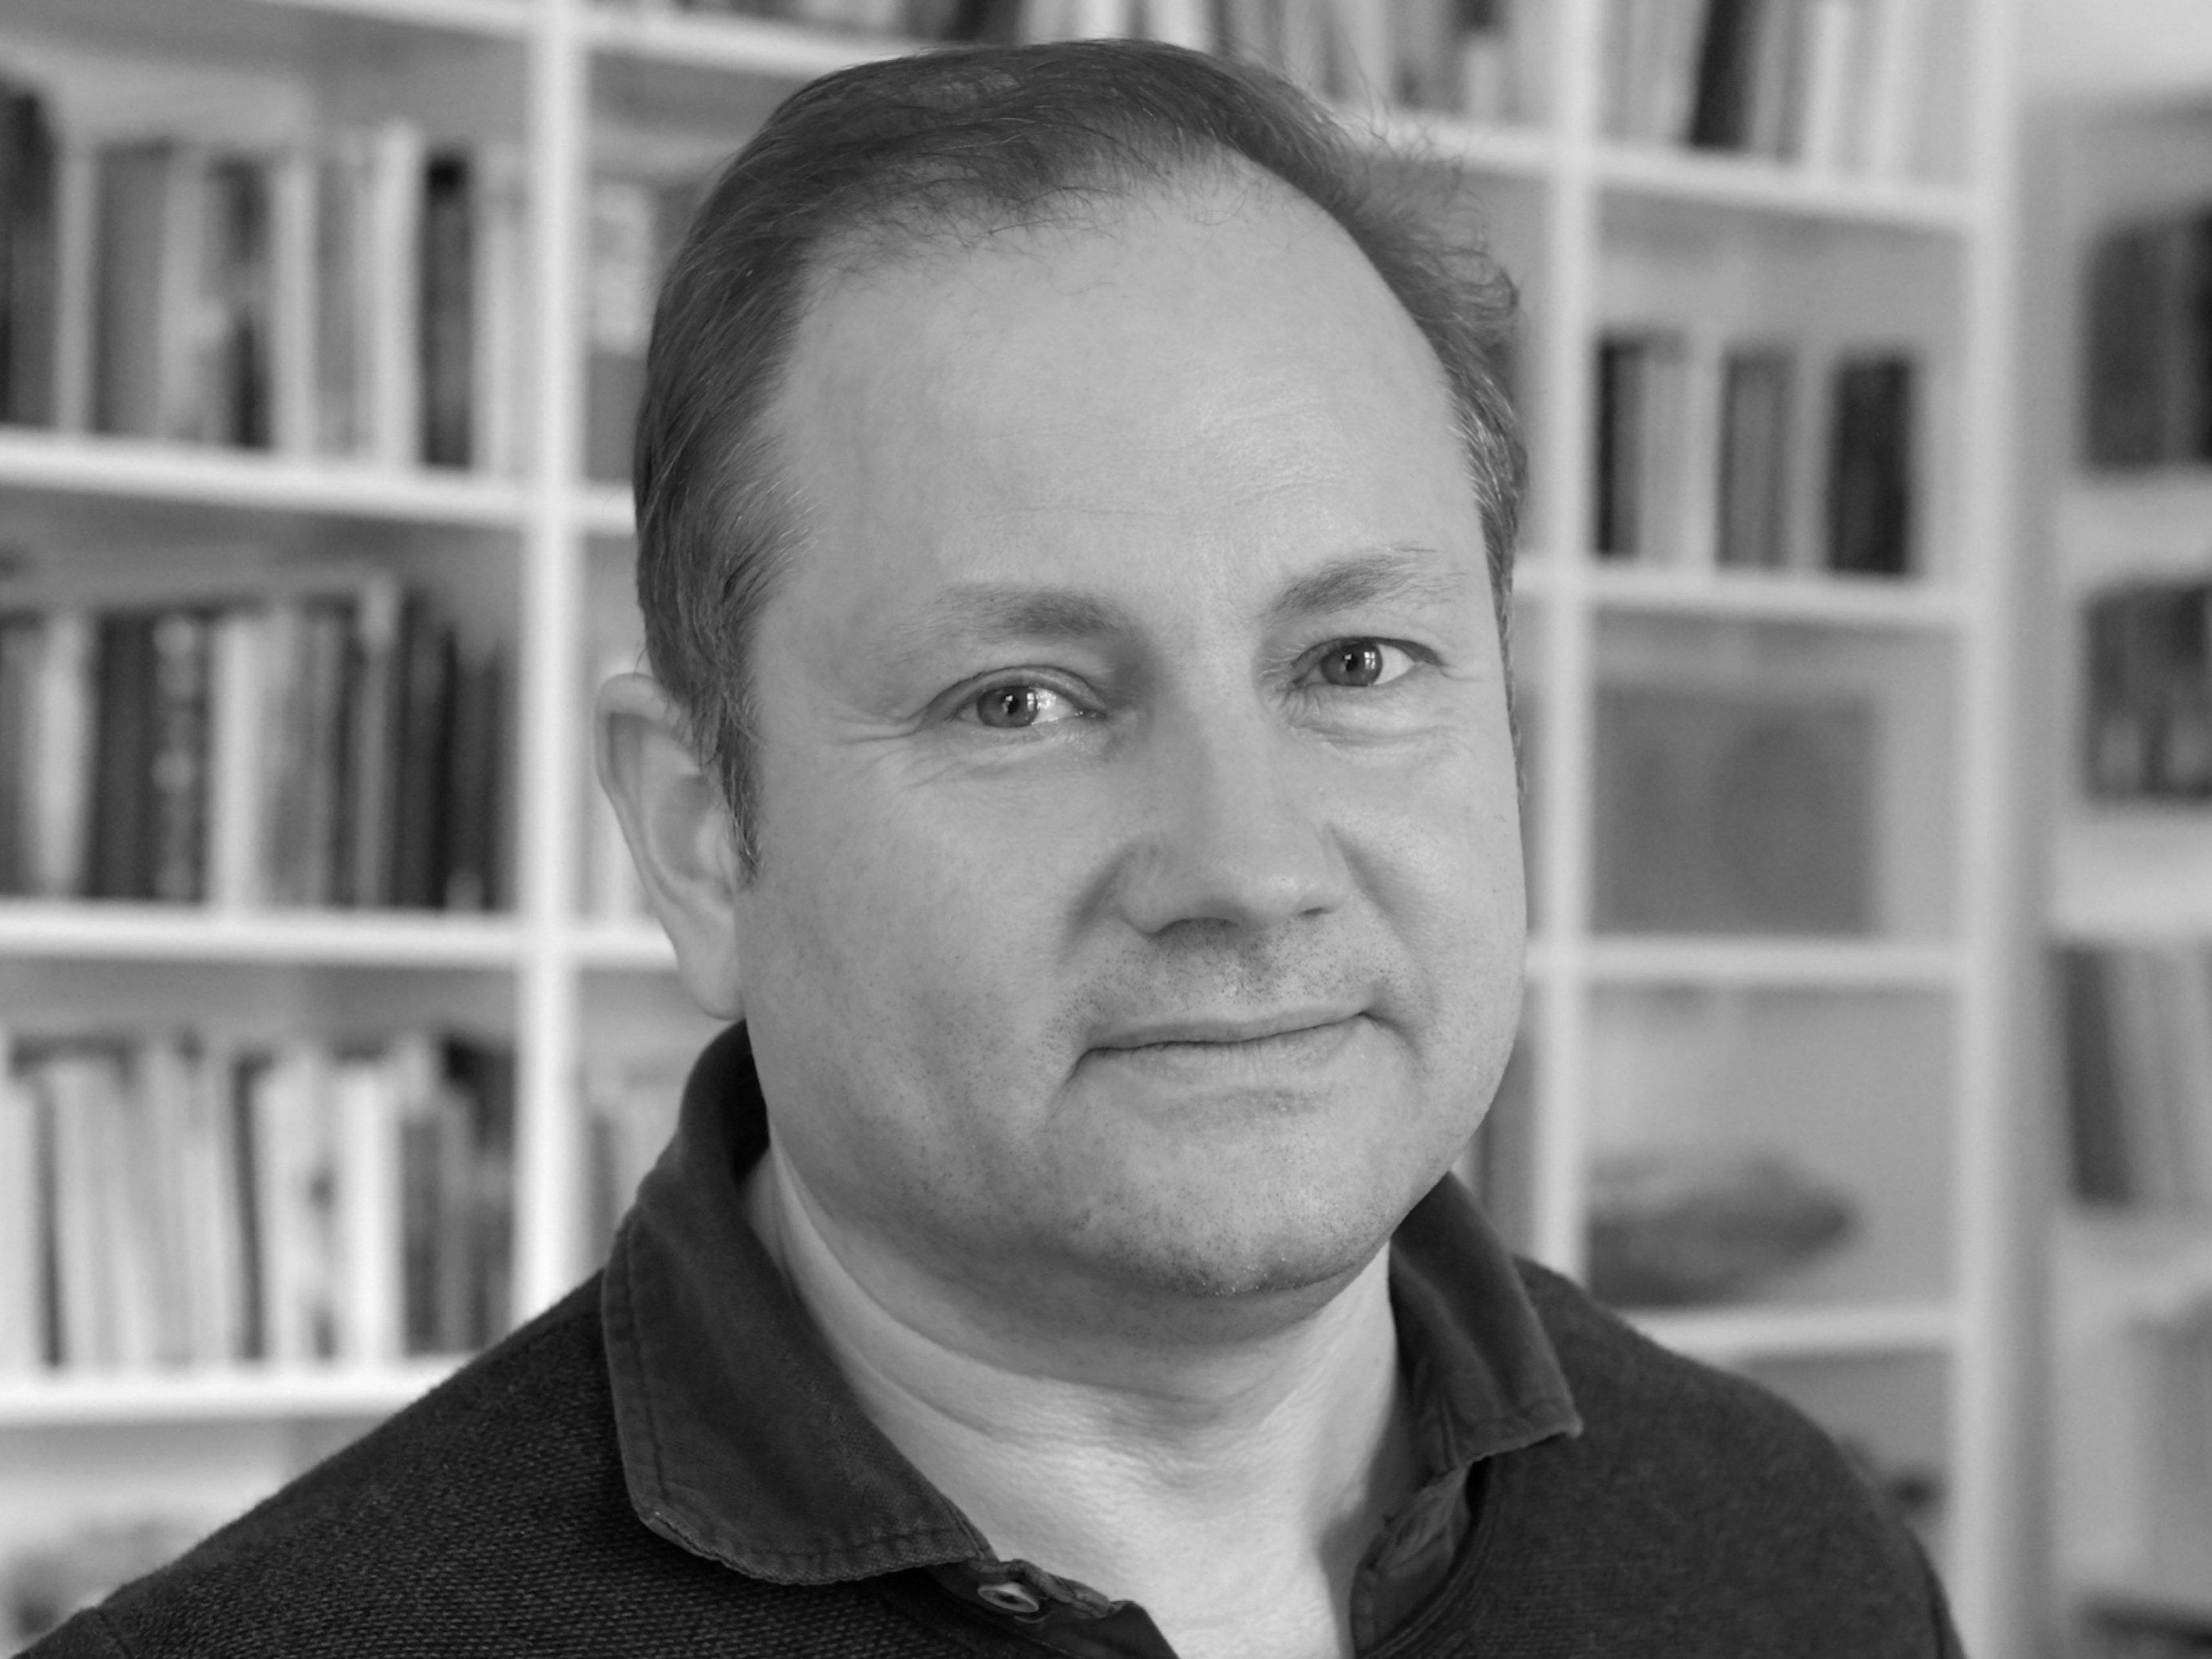 Schwarz/weiß Portrait von Christian Schwägerl.